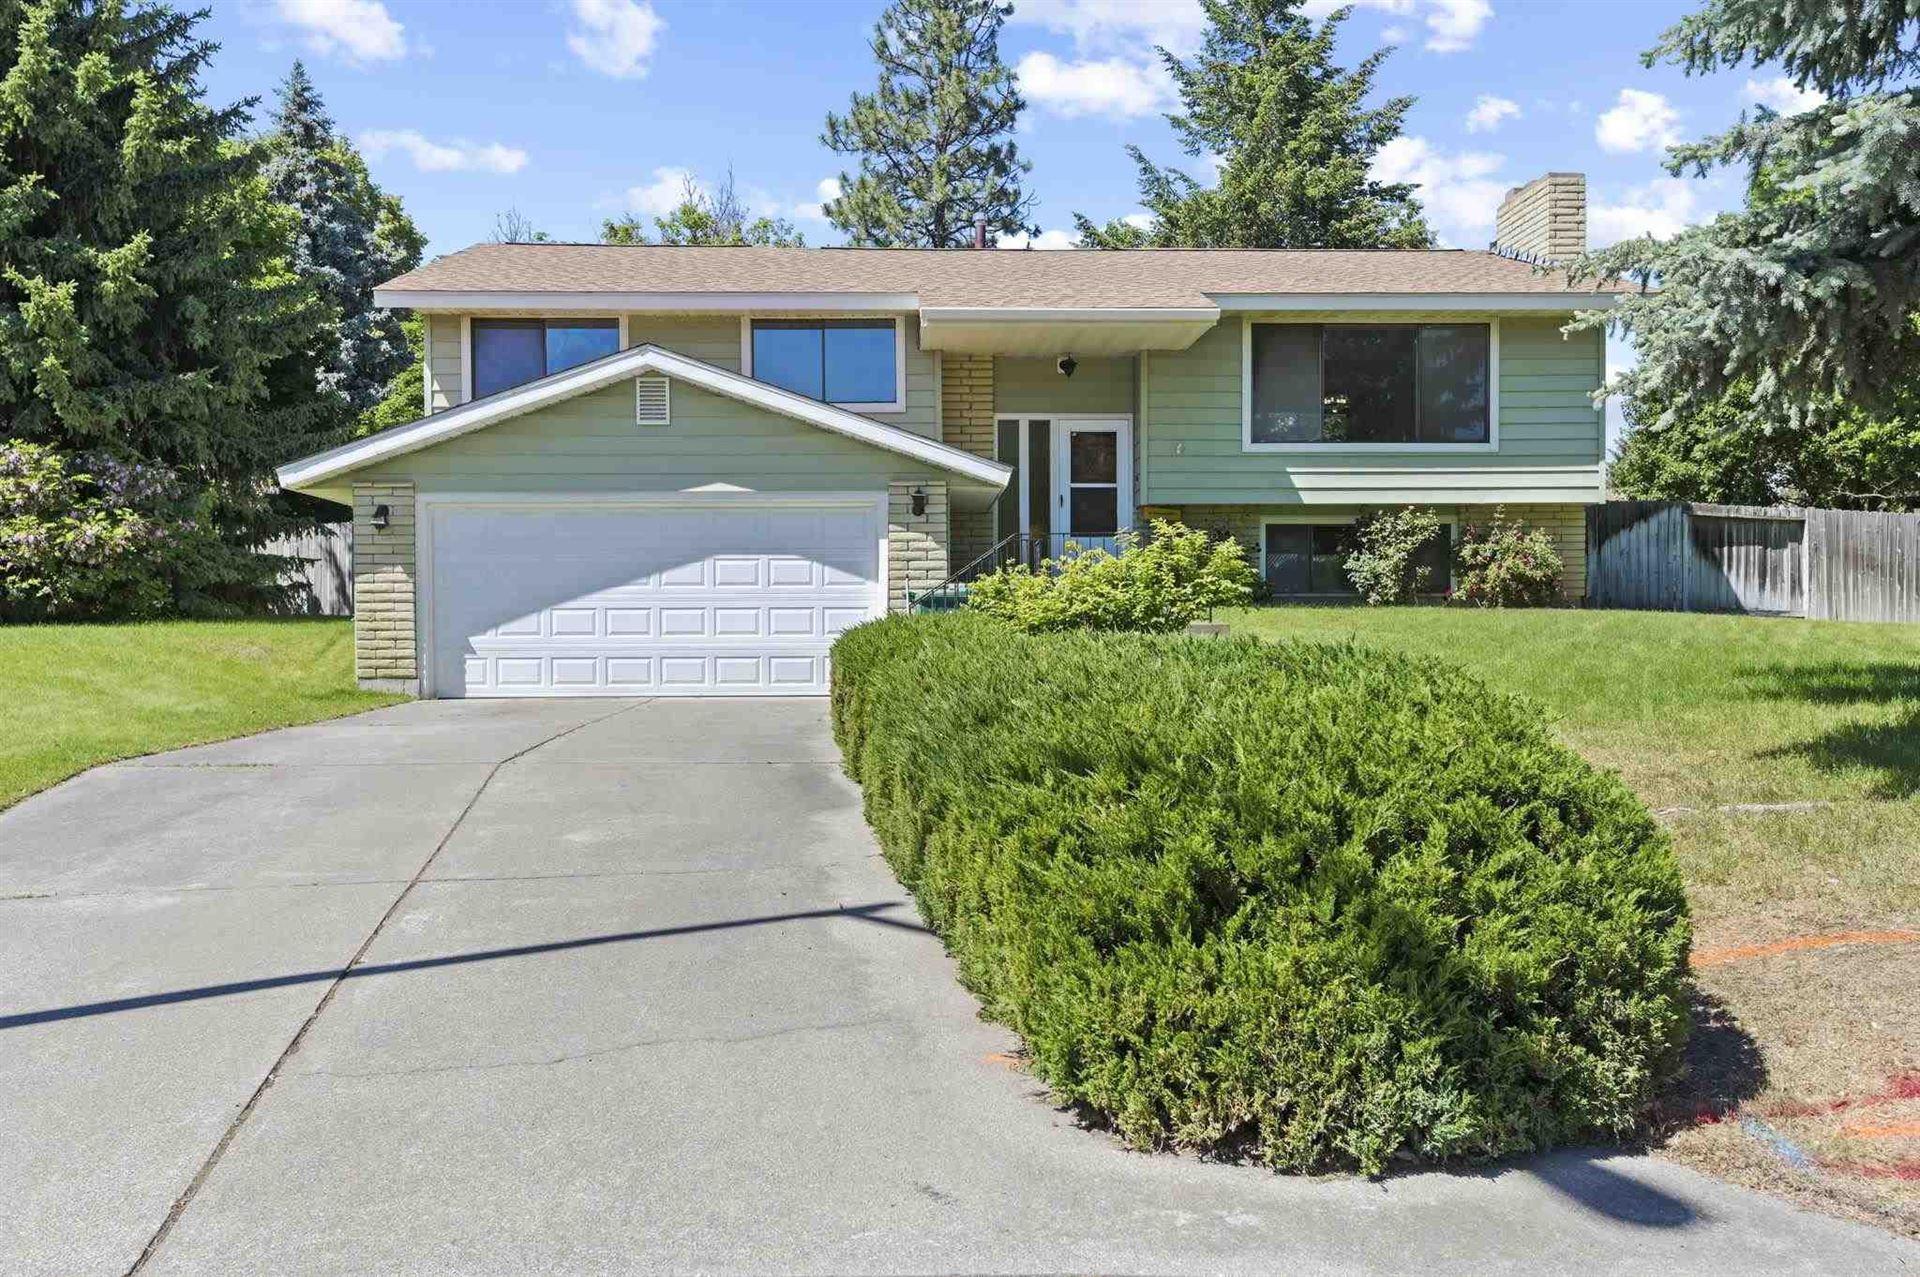 11422 N Crest Ct, Spokane, WA 99218 - #: 202116671